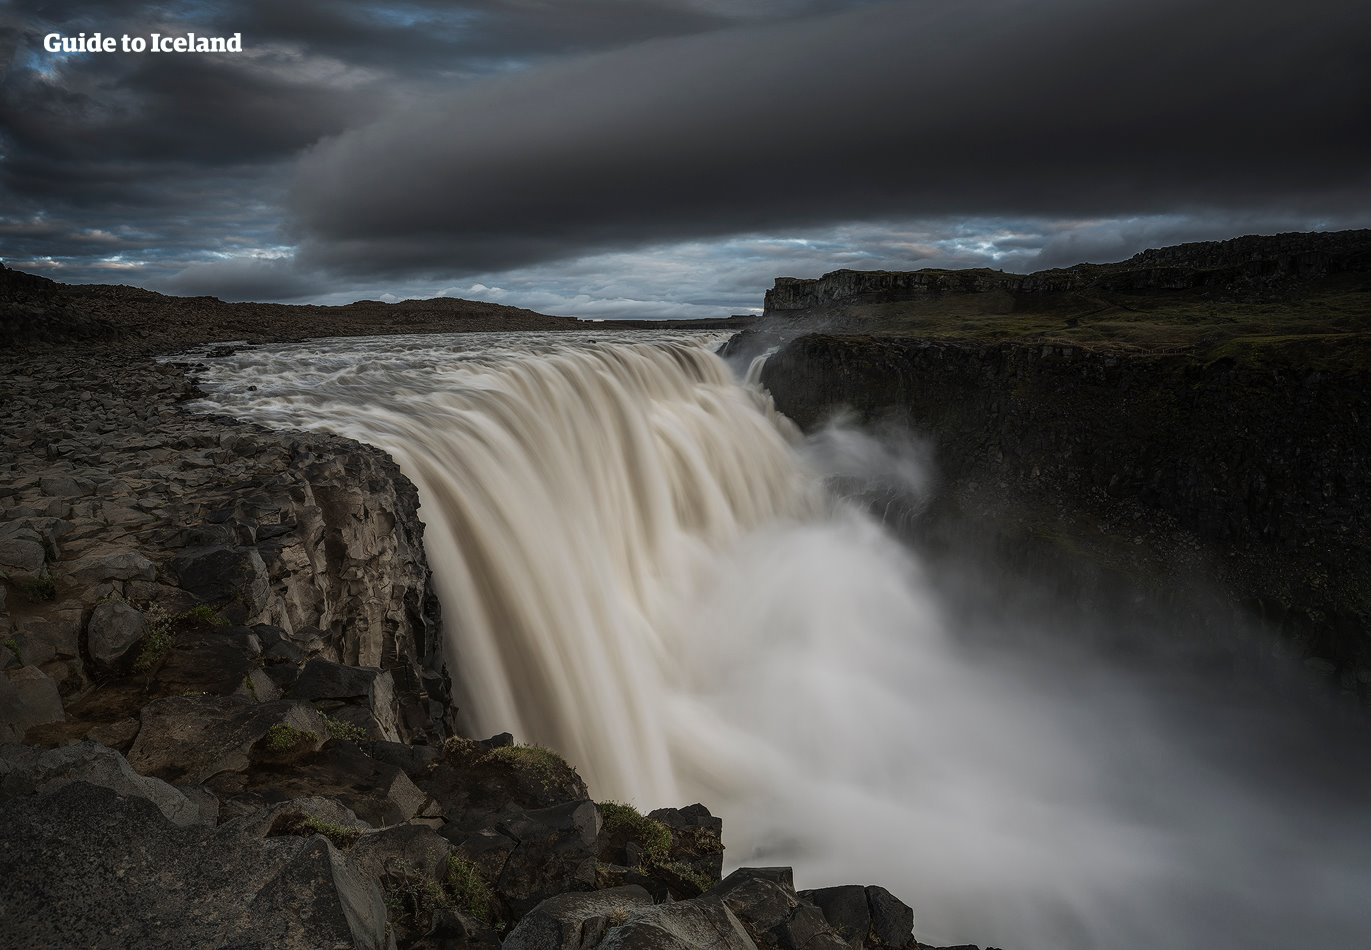 冰岛北部的黛提瀑布是欧洲最汹涌的瀑布